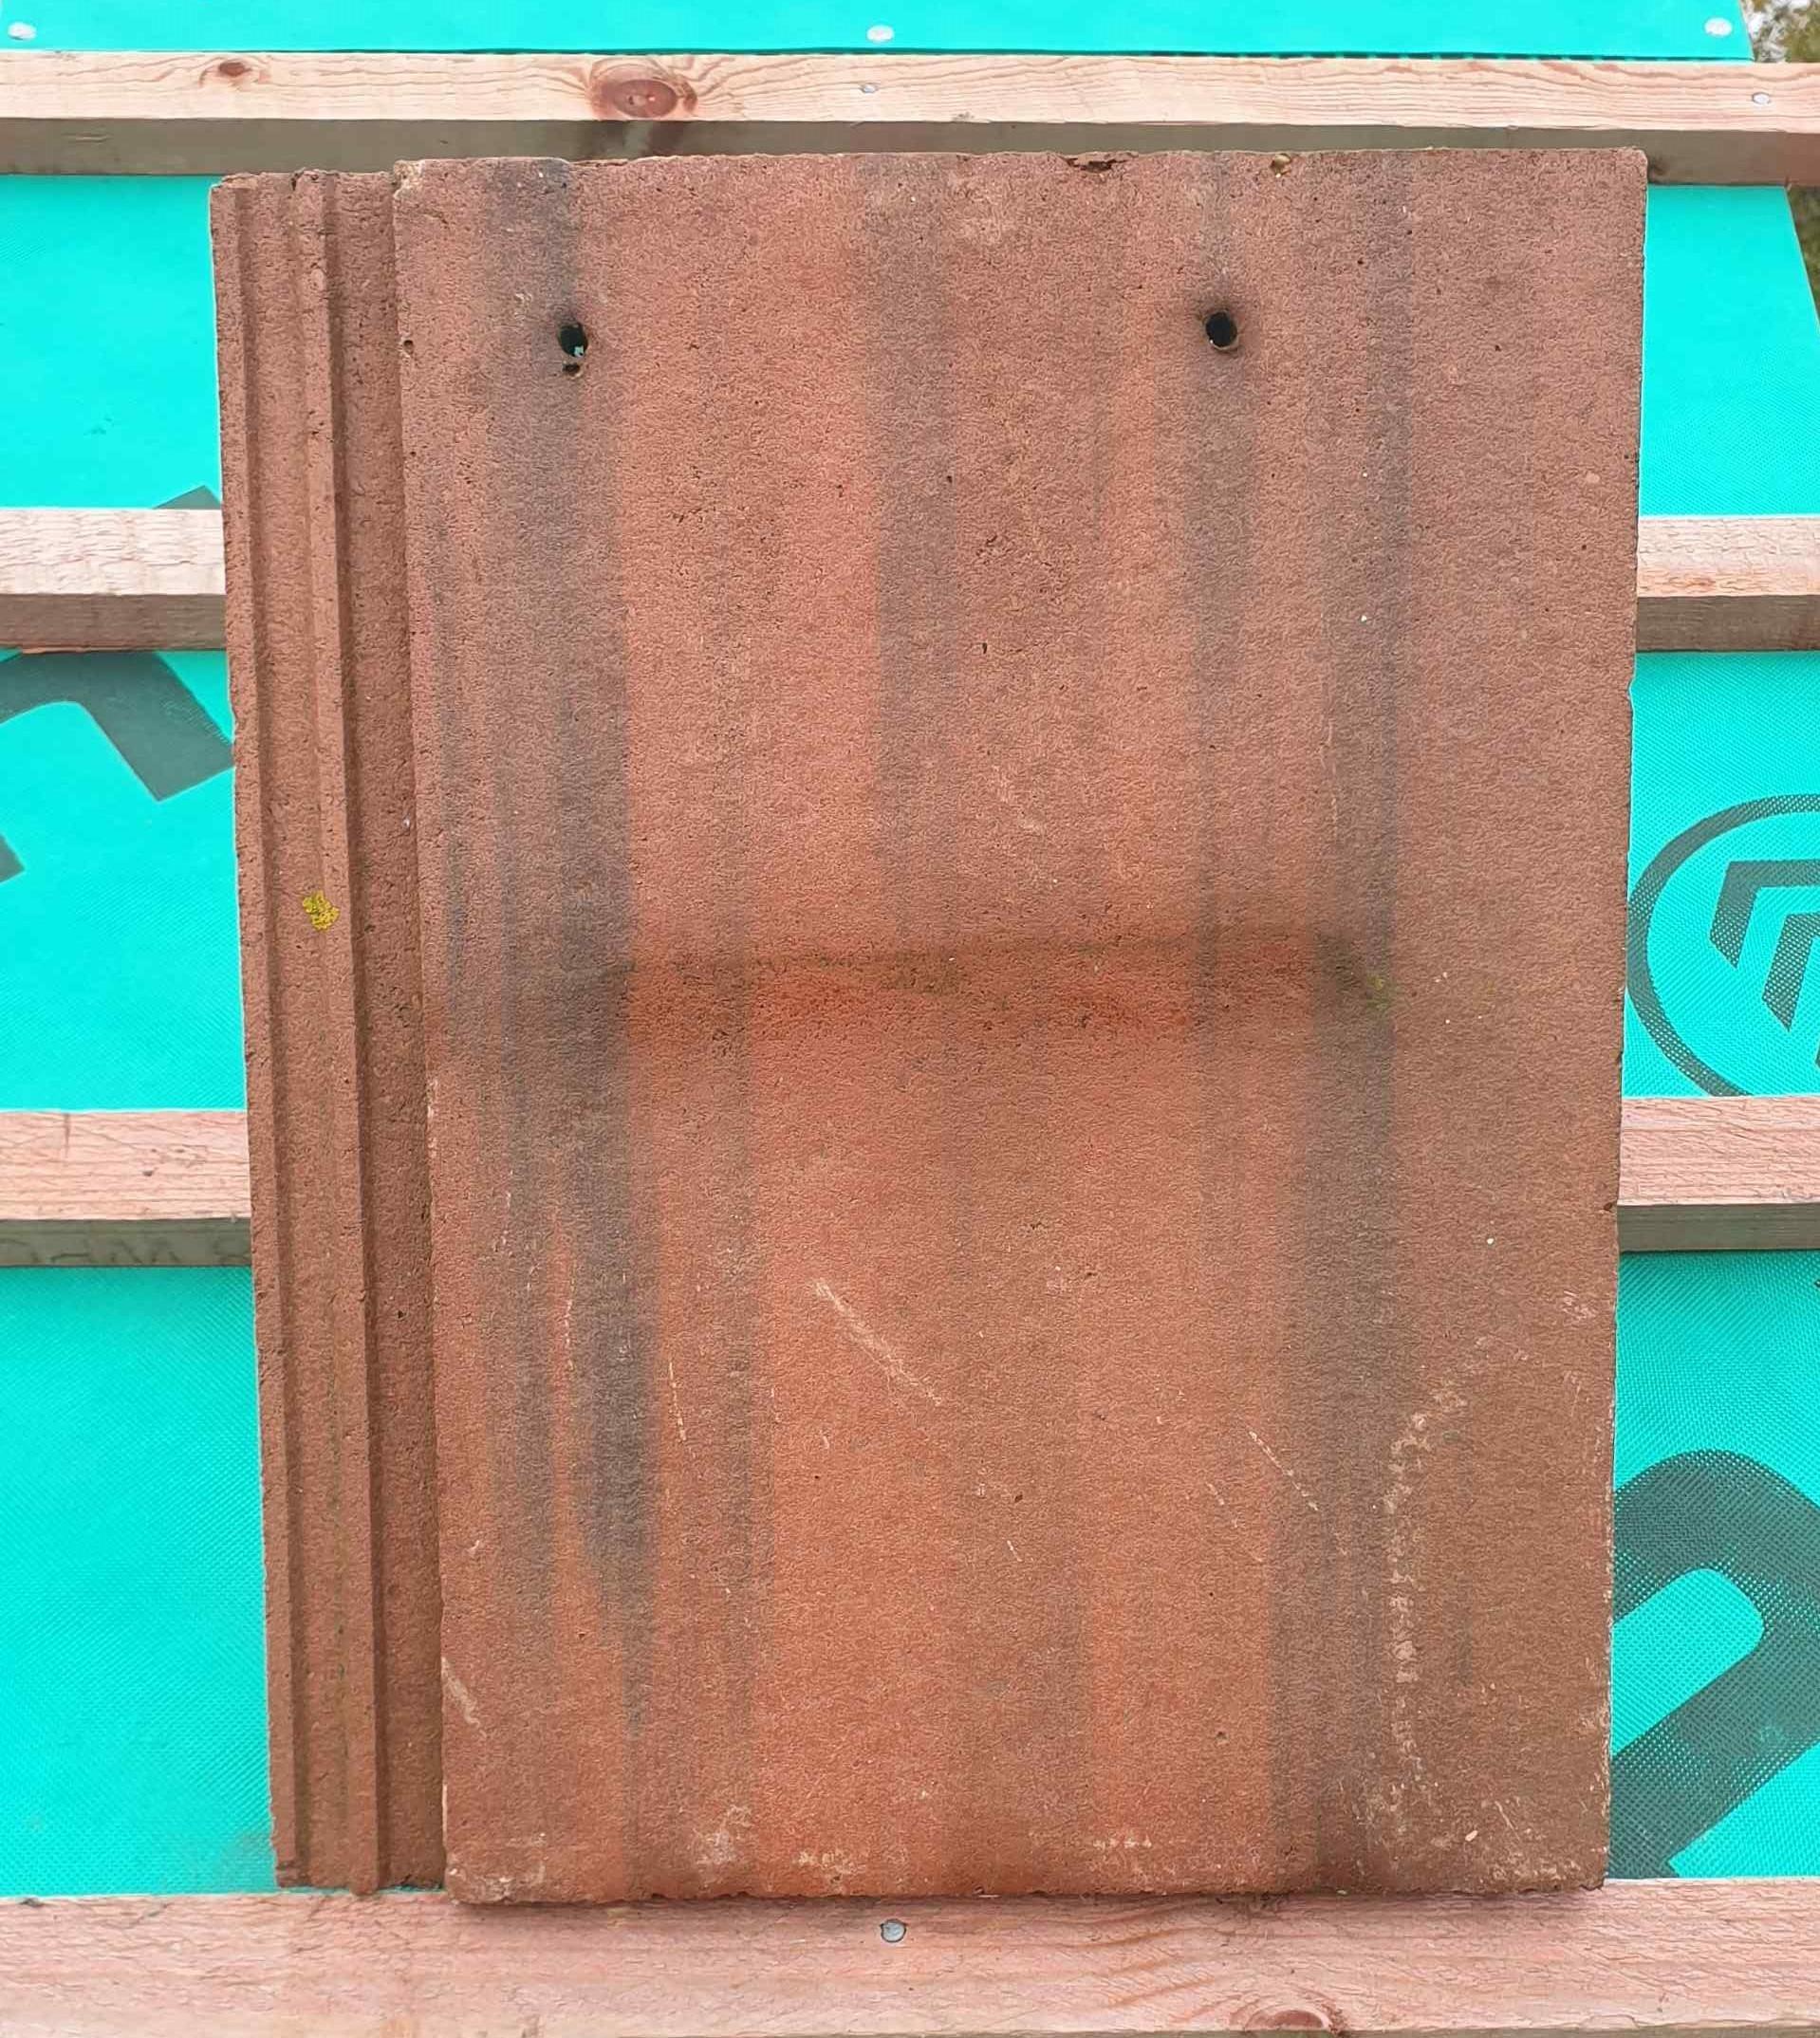 Order Reclaimed Sandtoft Calderdale Rustic Tile Online